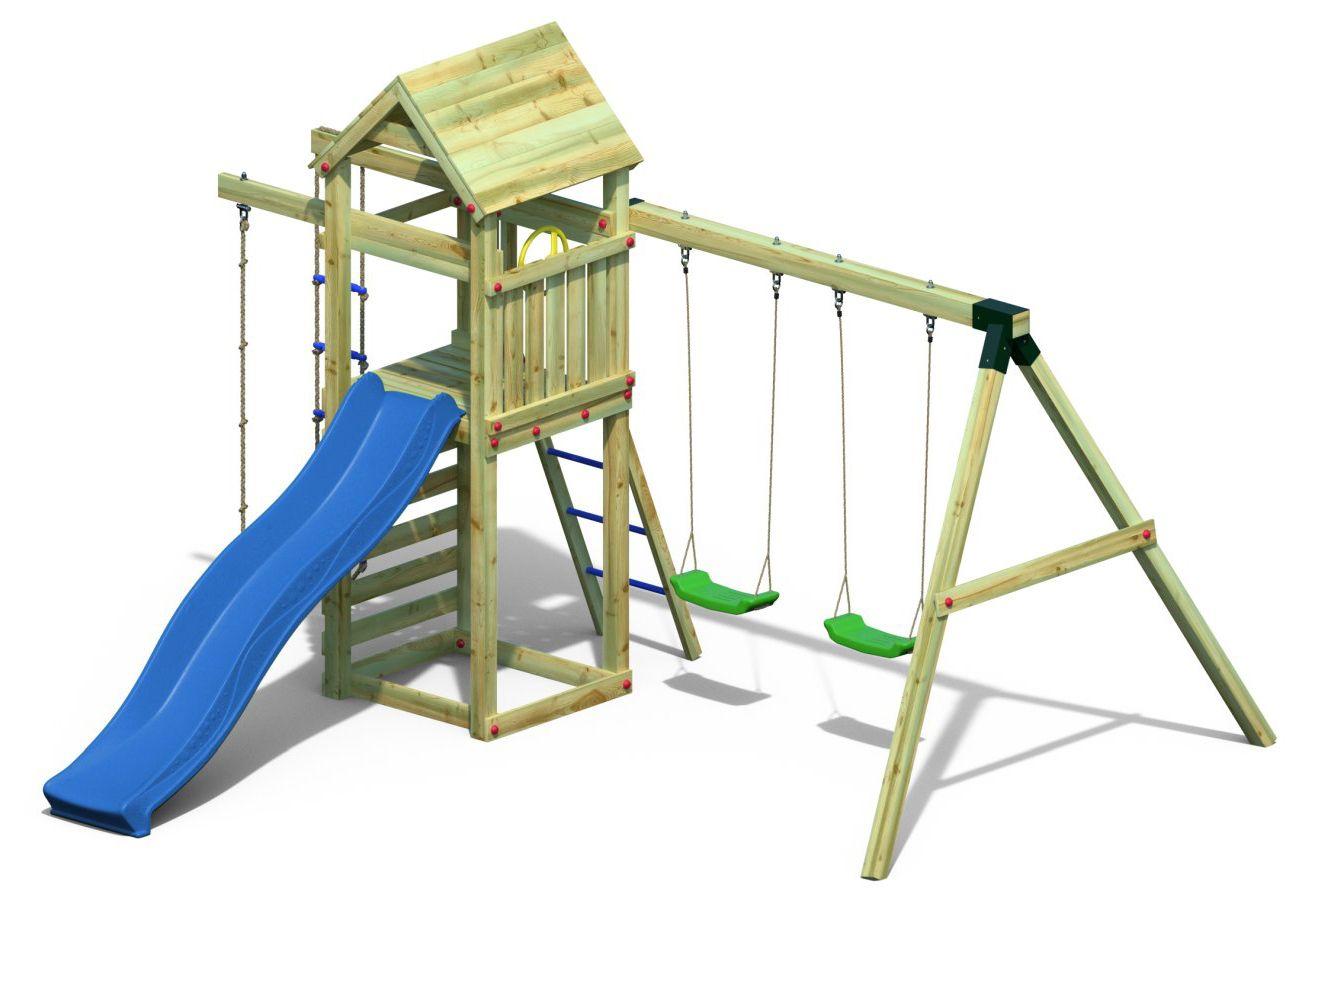 Spielturm 6 inkl. Wellenrutsche, Doppelschaukel, Strickleiter und Kletterseil FSC®